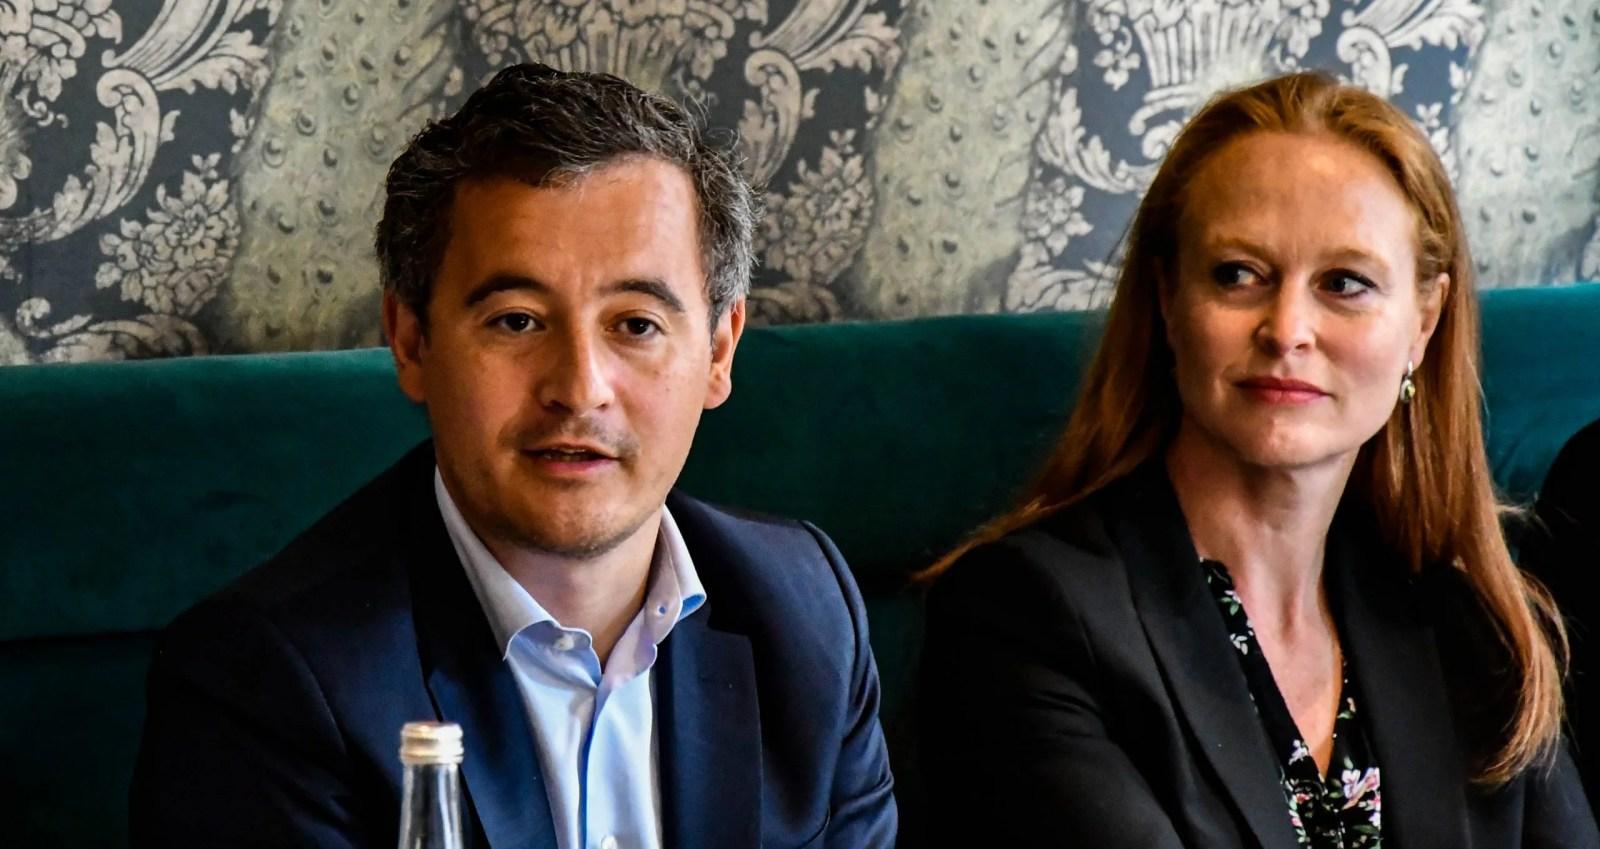 Gérald Darmanin et Violette Spillebout lors de la conférence de presse sur l'économie et la MEL.